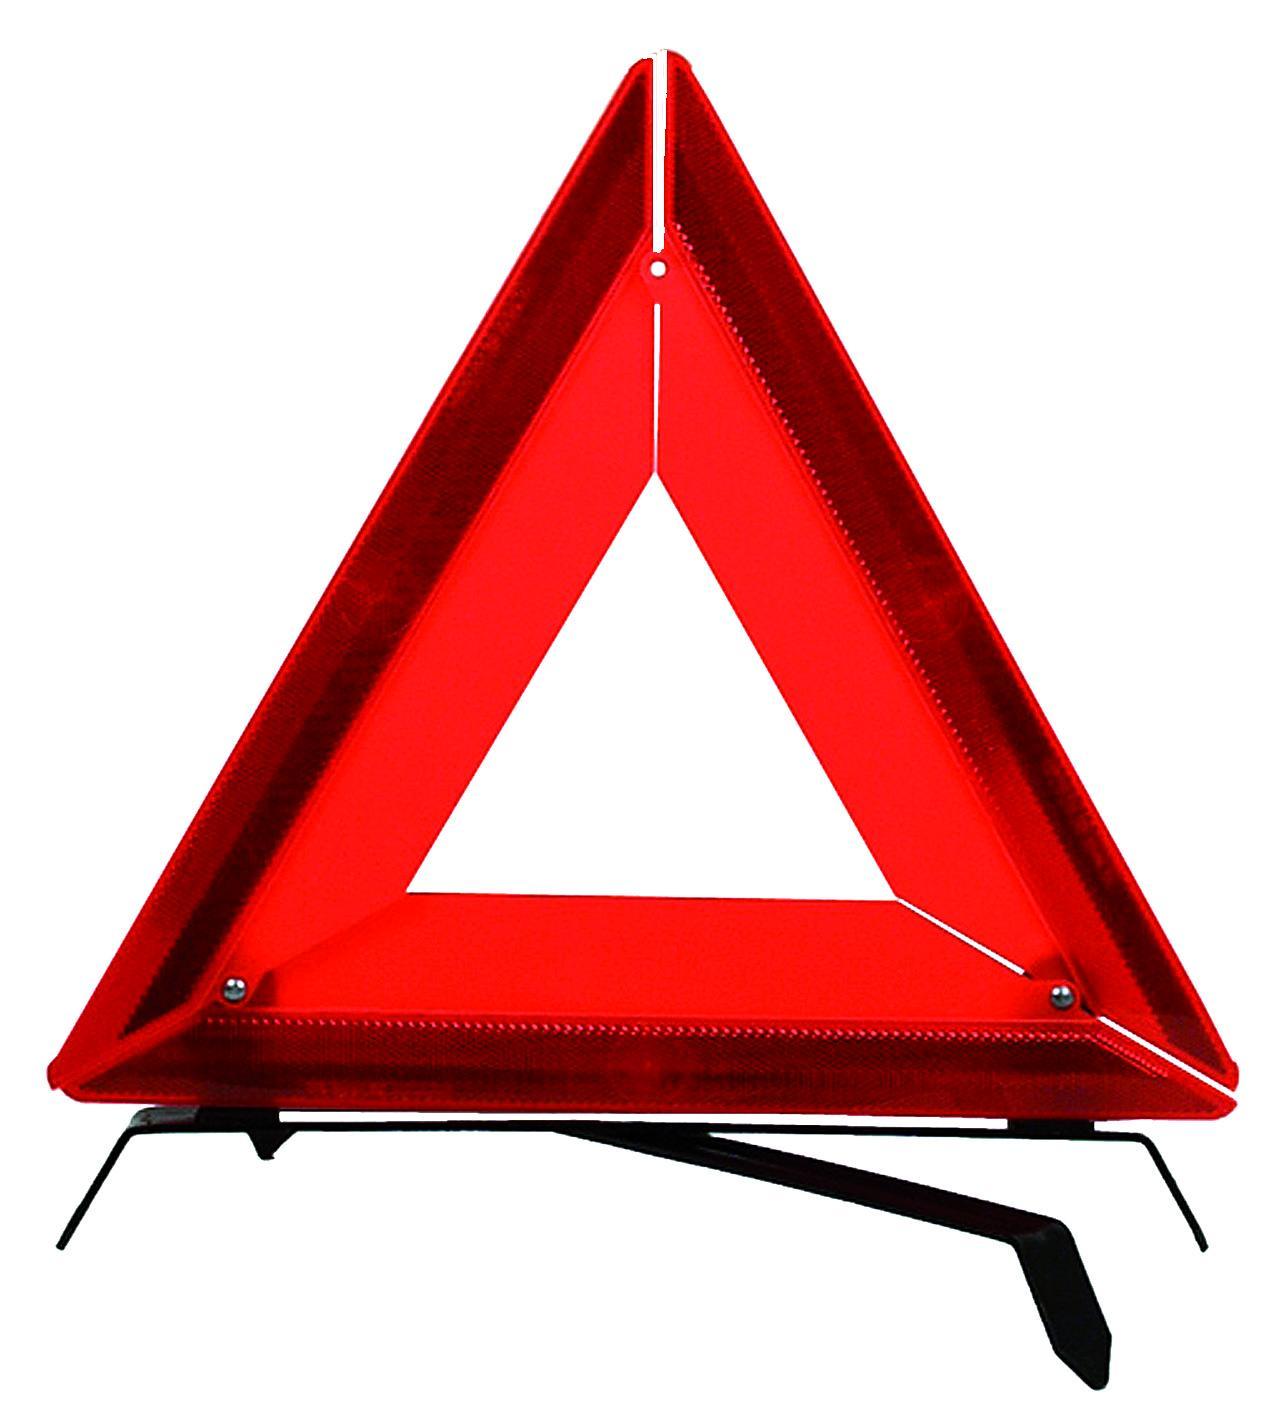 Trángulo de advertencia 453483 CARTEC 453483 en calidad original